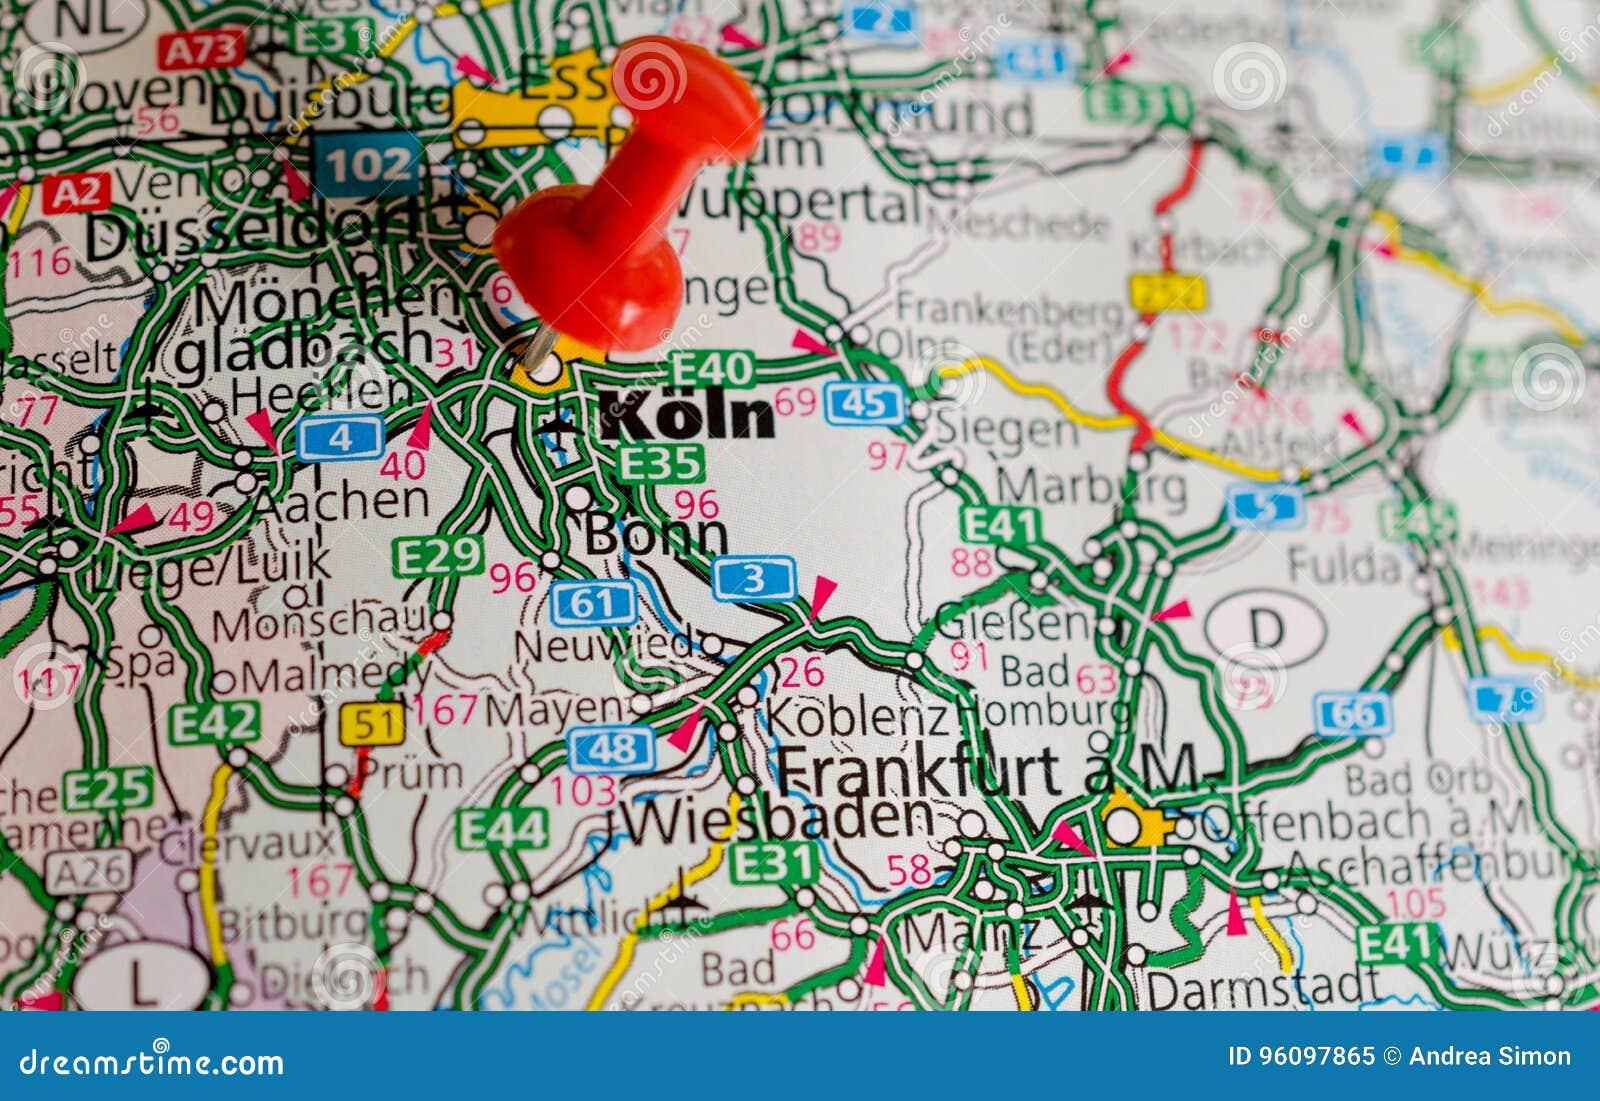 Köln Karte Deutschland.Köln Auf Karte Stockbild Bild Von Köln Seite Schuß 96097865